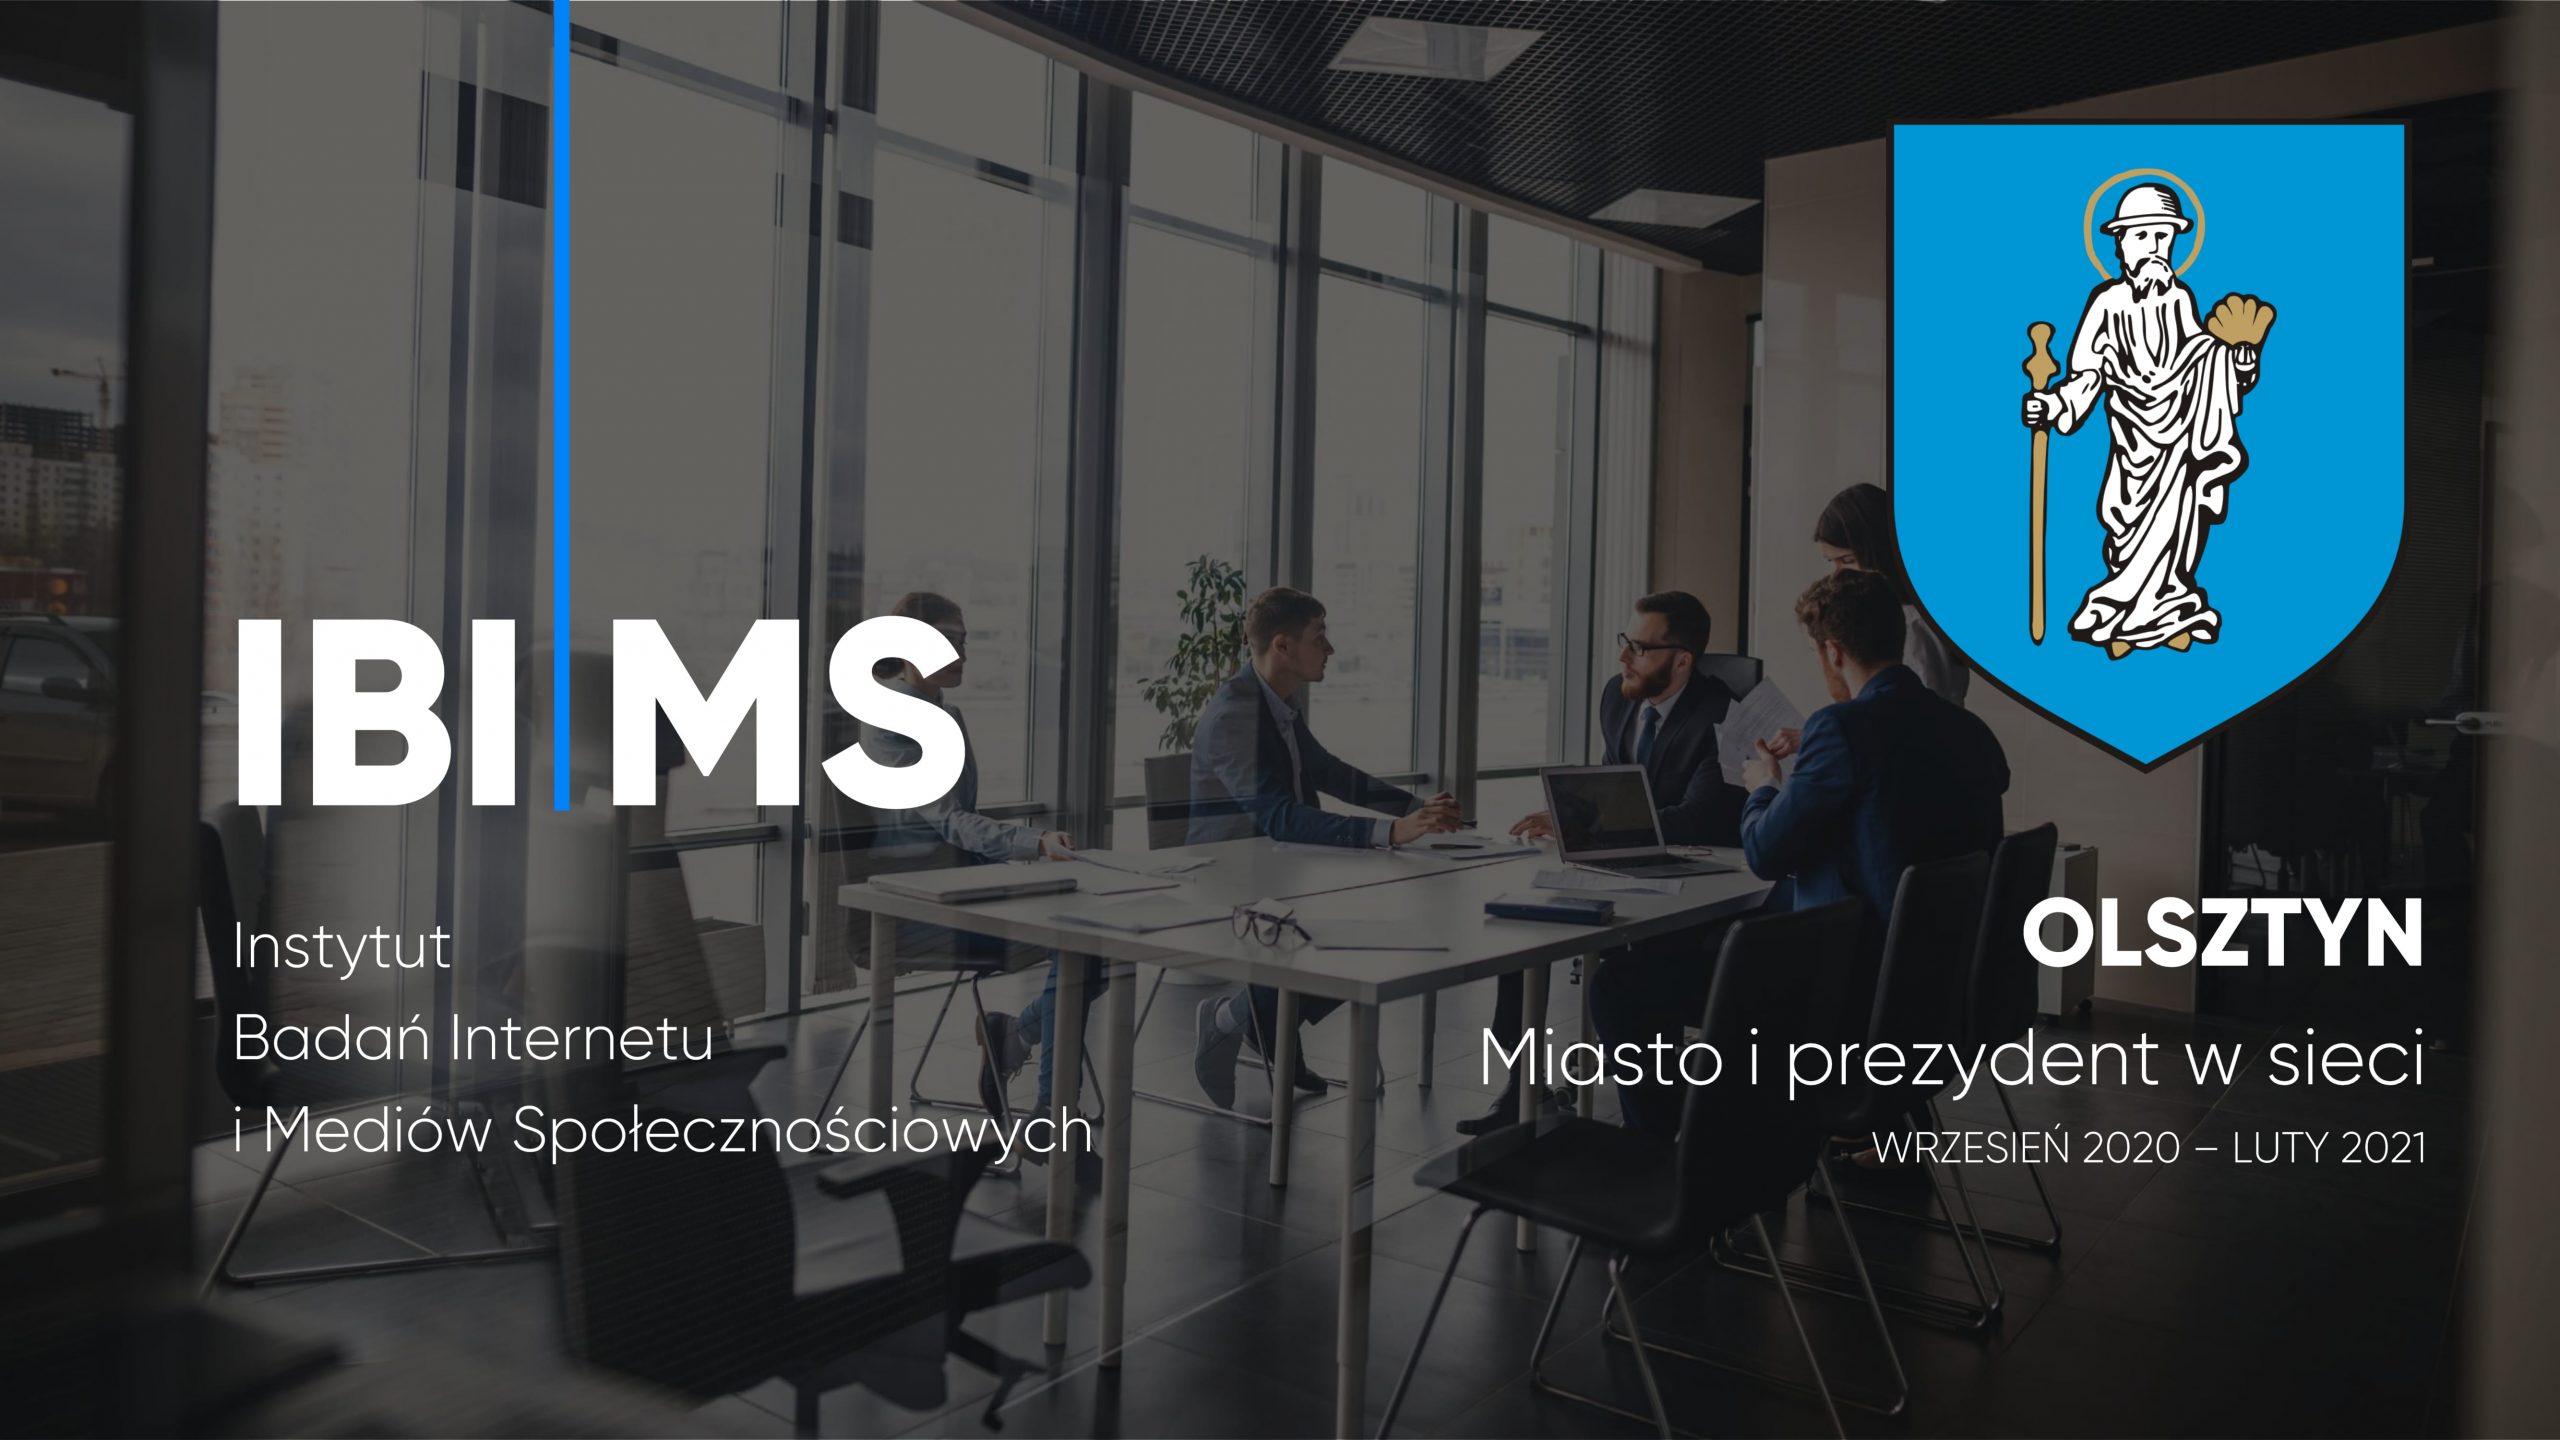 Olsztyn i Prezydent Olsztyna w internecie – Raport IBIMS